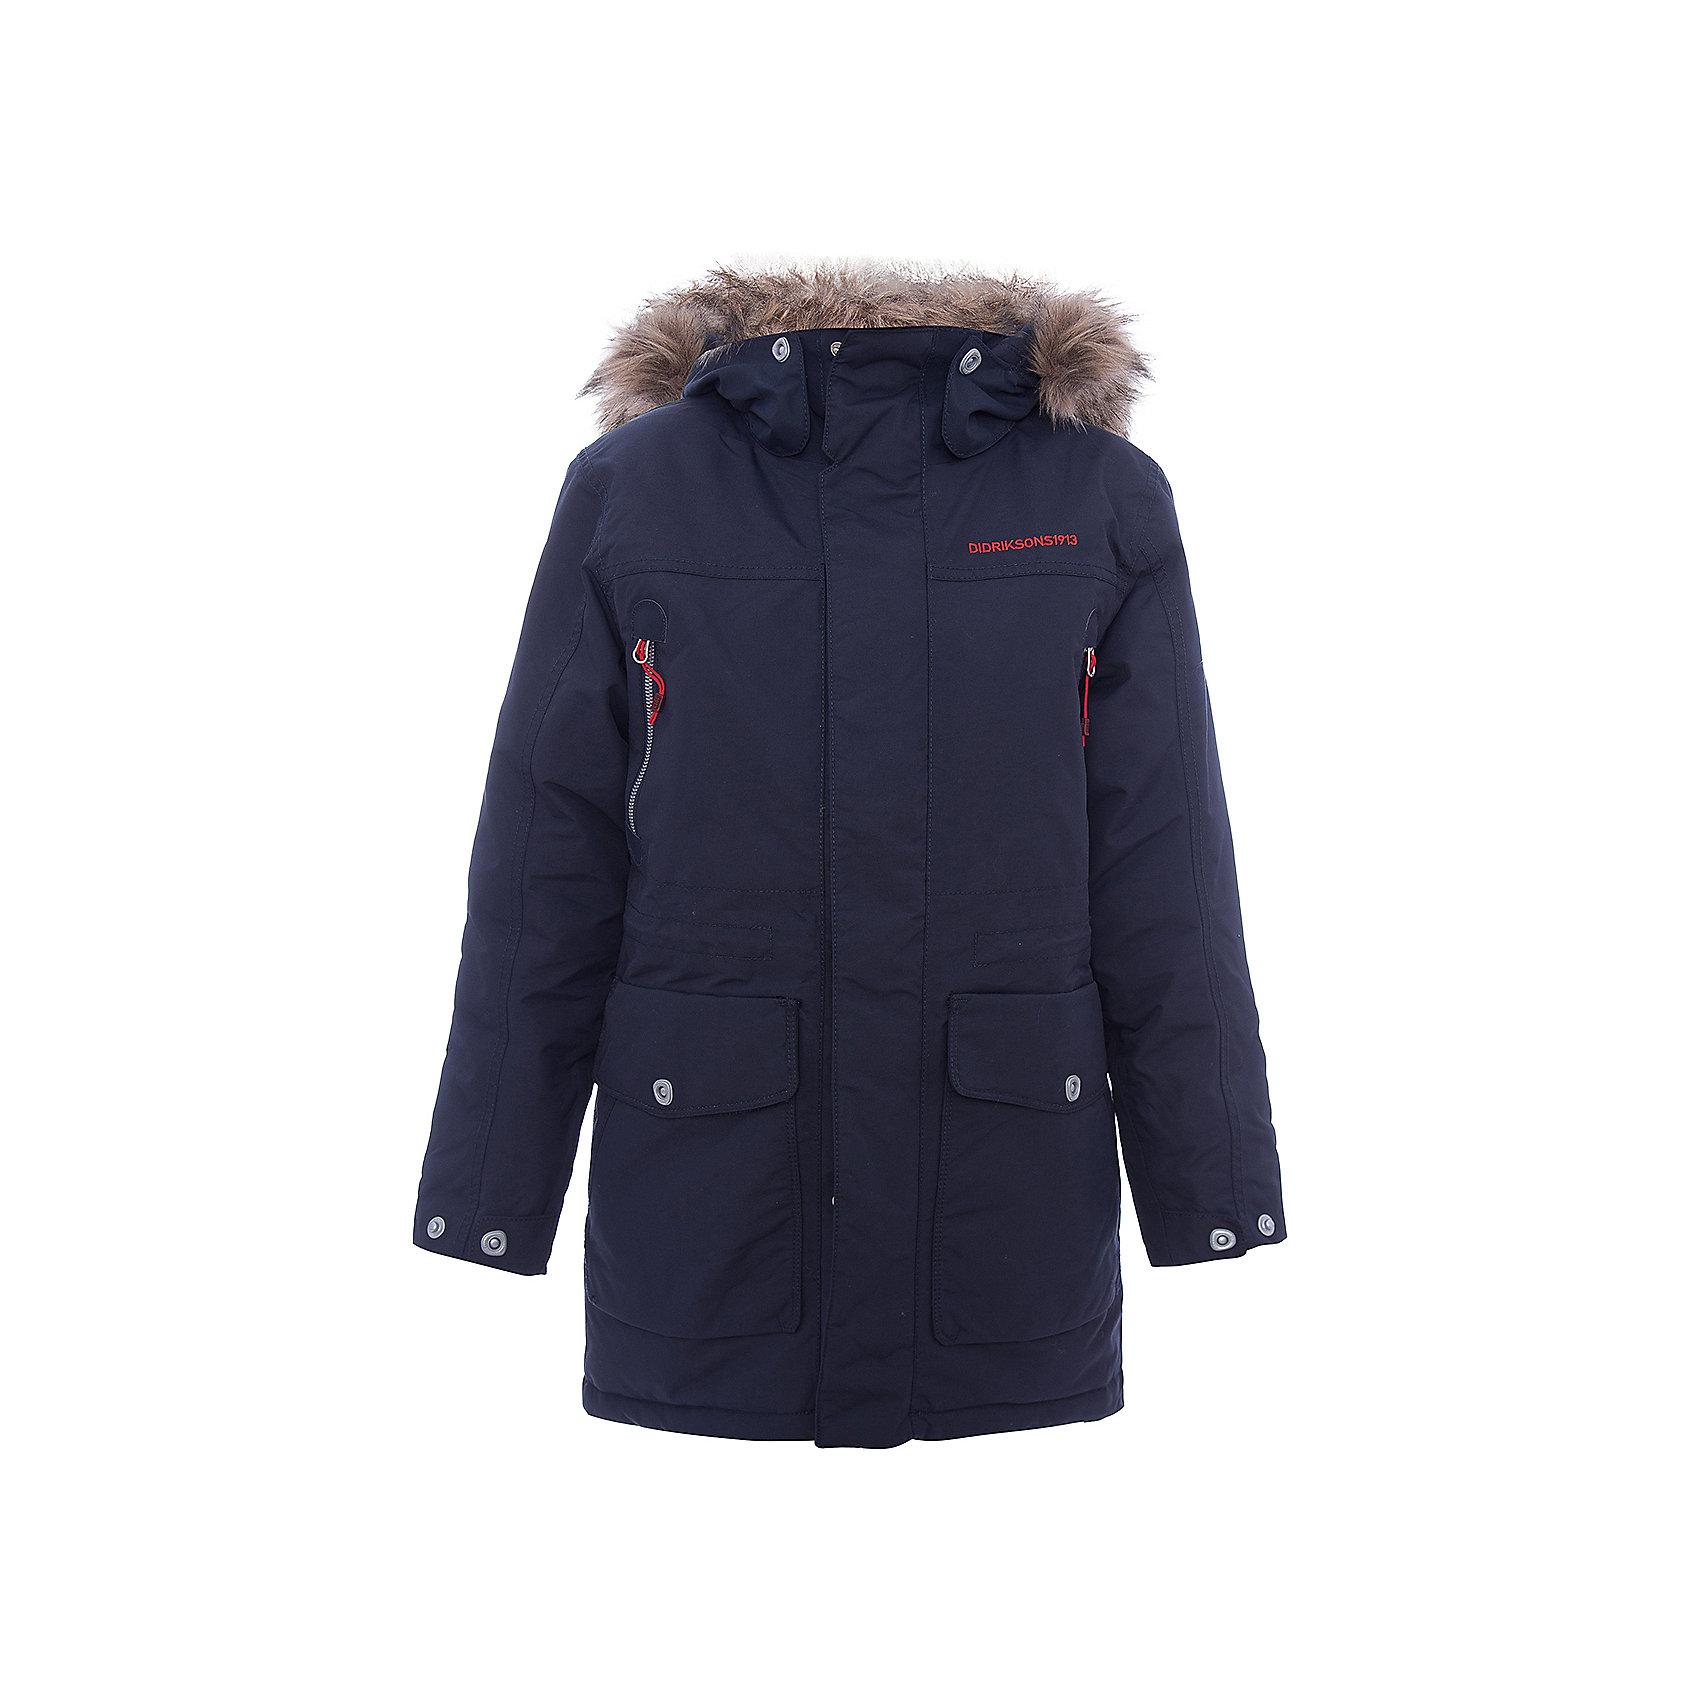 Куртка ROGER DIDRIKSONSВерхняя одежда<br>Характеристики товара:<br><br>• цвет: синий<br>• состав ткани: 100% полиамид<br>• подкладка: 100% полиэстер<br>• утеплитель: 100% полиэстер<br>• сезон: зима<br>• мембранное покрытие<br>• температурный режим: от -20 до 0<br>• водонепроницаемость: 5000 мм <br>• паропроницаемость: 4000 г/м2<br>• плотность утеплителя: 200г/м2<br>• регулируемый съемный капюшон<br>• съемный искусственный мех на капюшоне<br>• застежка: молния, утяжка<br>• регулируемые манжеты, пояс и низ изделия<br>• внутренние эластичные манжеты<br>• меховая спинка<br>• страна бренда: Швеция<br>• страна изготовитель: Китай<br><br>Мембранная детская куртка отлично подойдет для зимних морозов. Мягкая подкладка детской куртки делает её очень комфортной. Эта теплая куртка для мальчика дополнена удобным капюшоном, планкой от ветра и карманами. Плотный верх детской зимней куртки не промокает и не продувается, его легко чистить. <br><br>Куртку Roger Didriksons (Дидриксонс) можно купить в нашем интернет-магазине.<br><br>Ширина мм: 356<br>Глубина мм: 10<br>Высота мм: 245<br>Вес г: 519<br>Цвет: голубой<br>Возраст от месяцев: 168<br>Возраст до месяцев: 180<br>Пол: Унисекс<br>Возраст: Детский<br>Размер: 170,130,140,150,160<br>SKU: 7044694